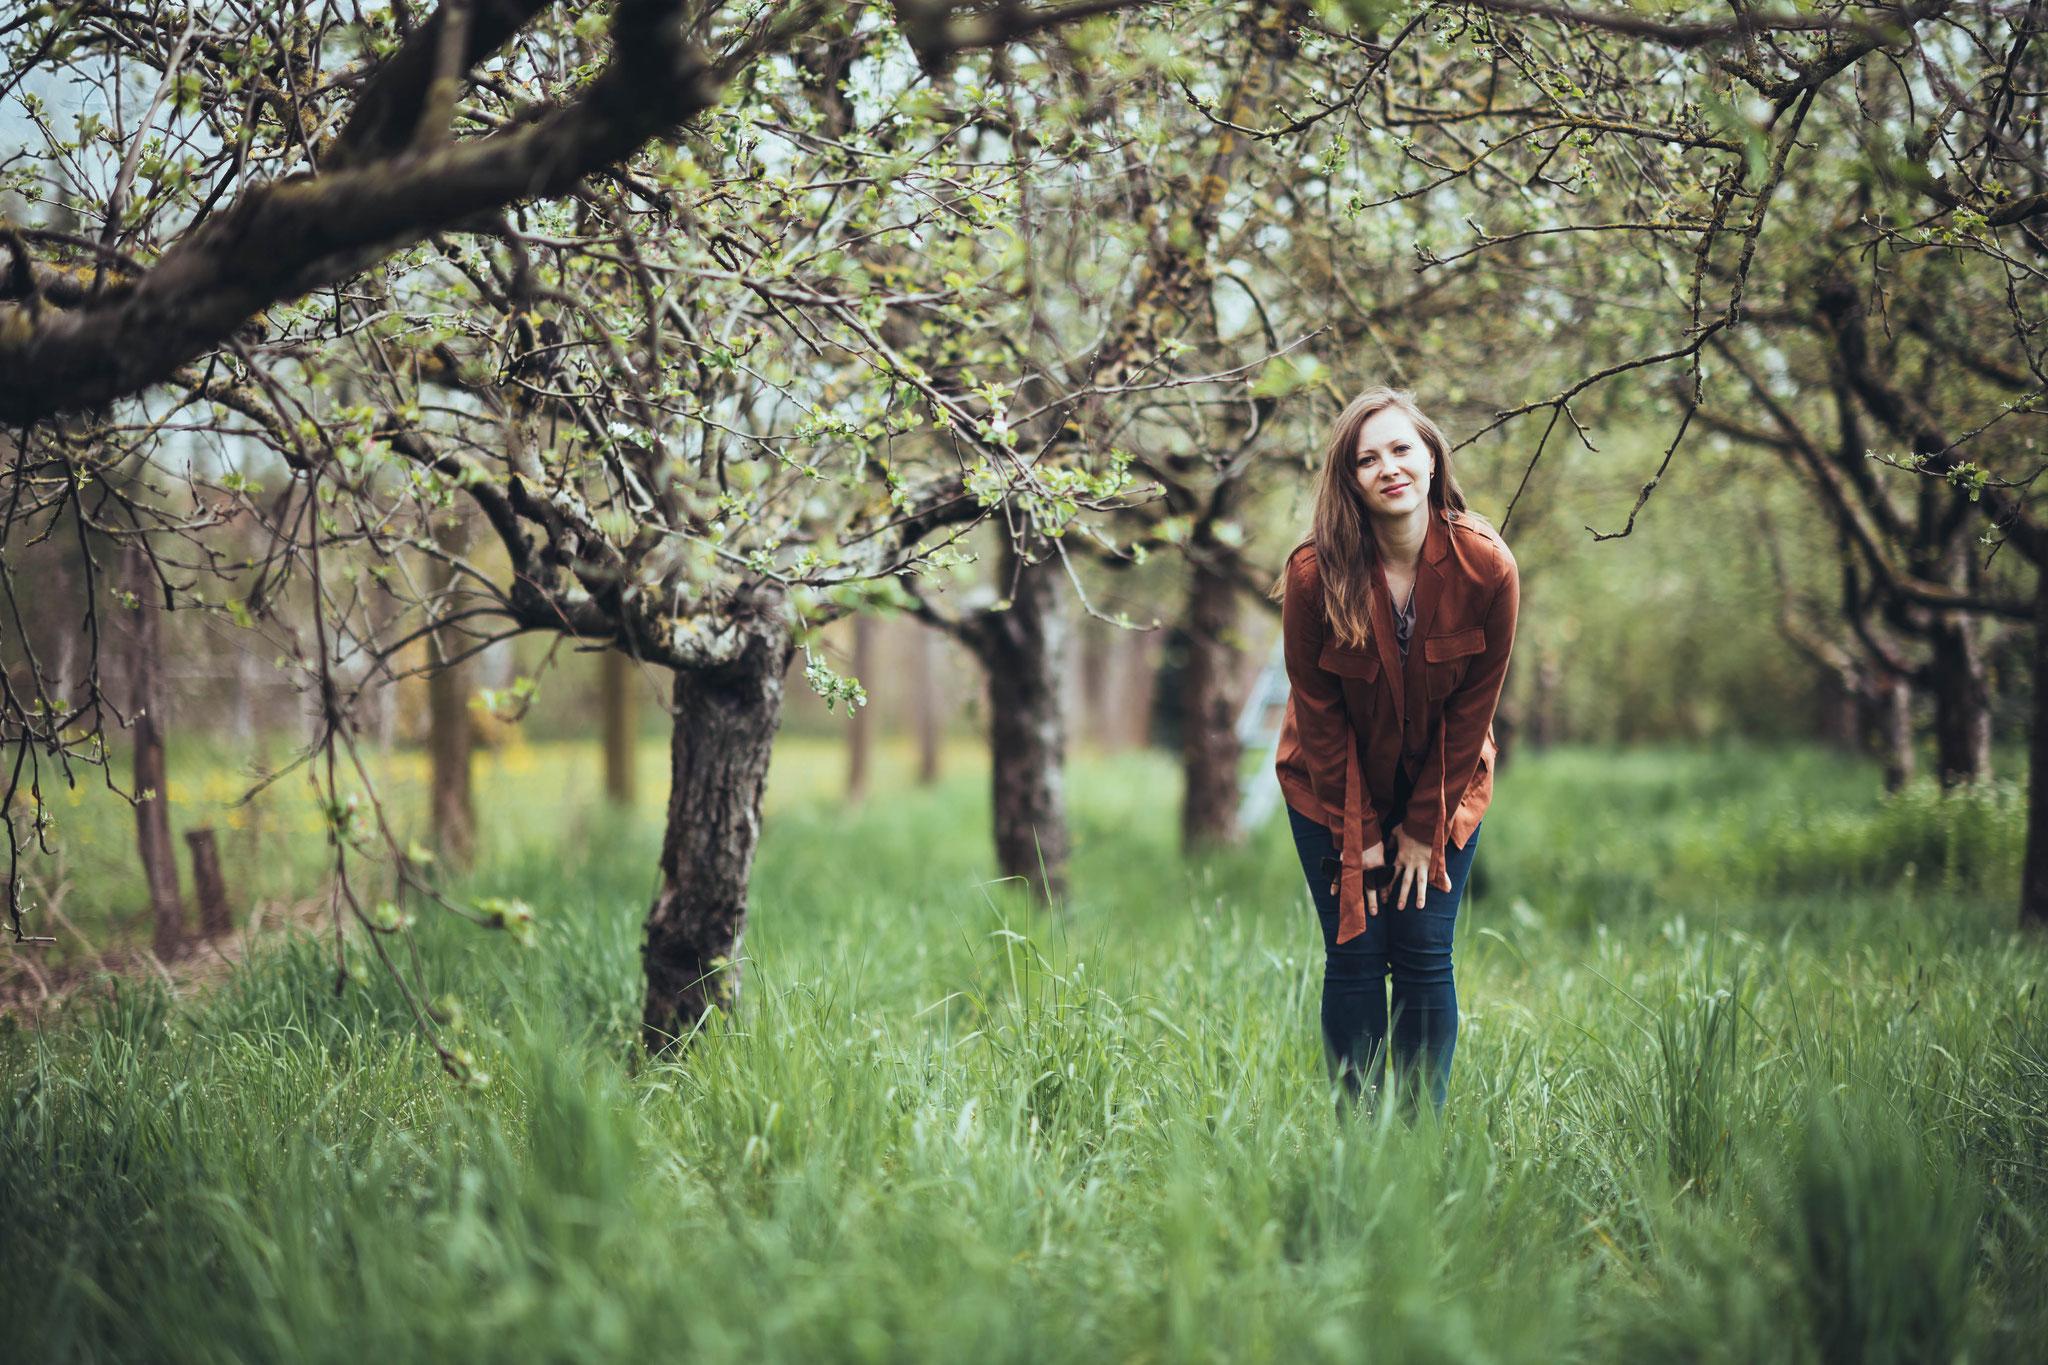 Fotograf für Portraitaufnahmen und Portraitfotos